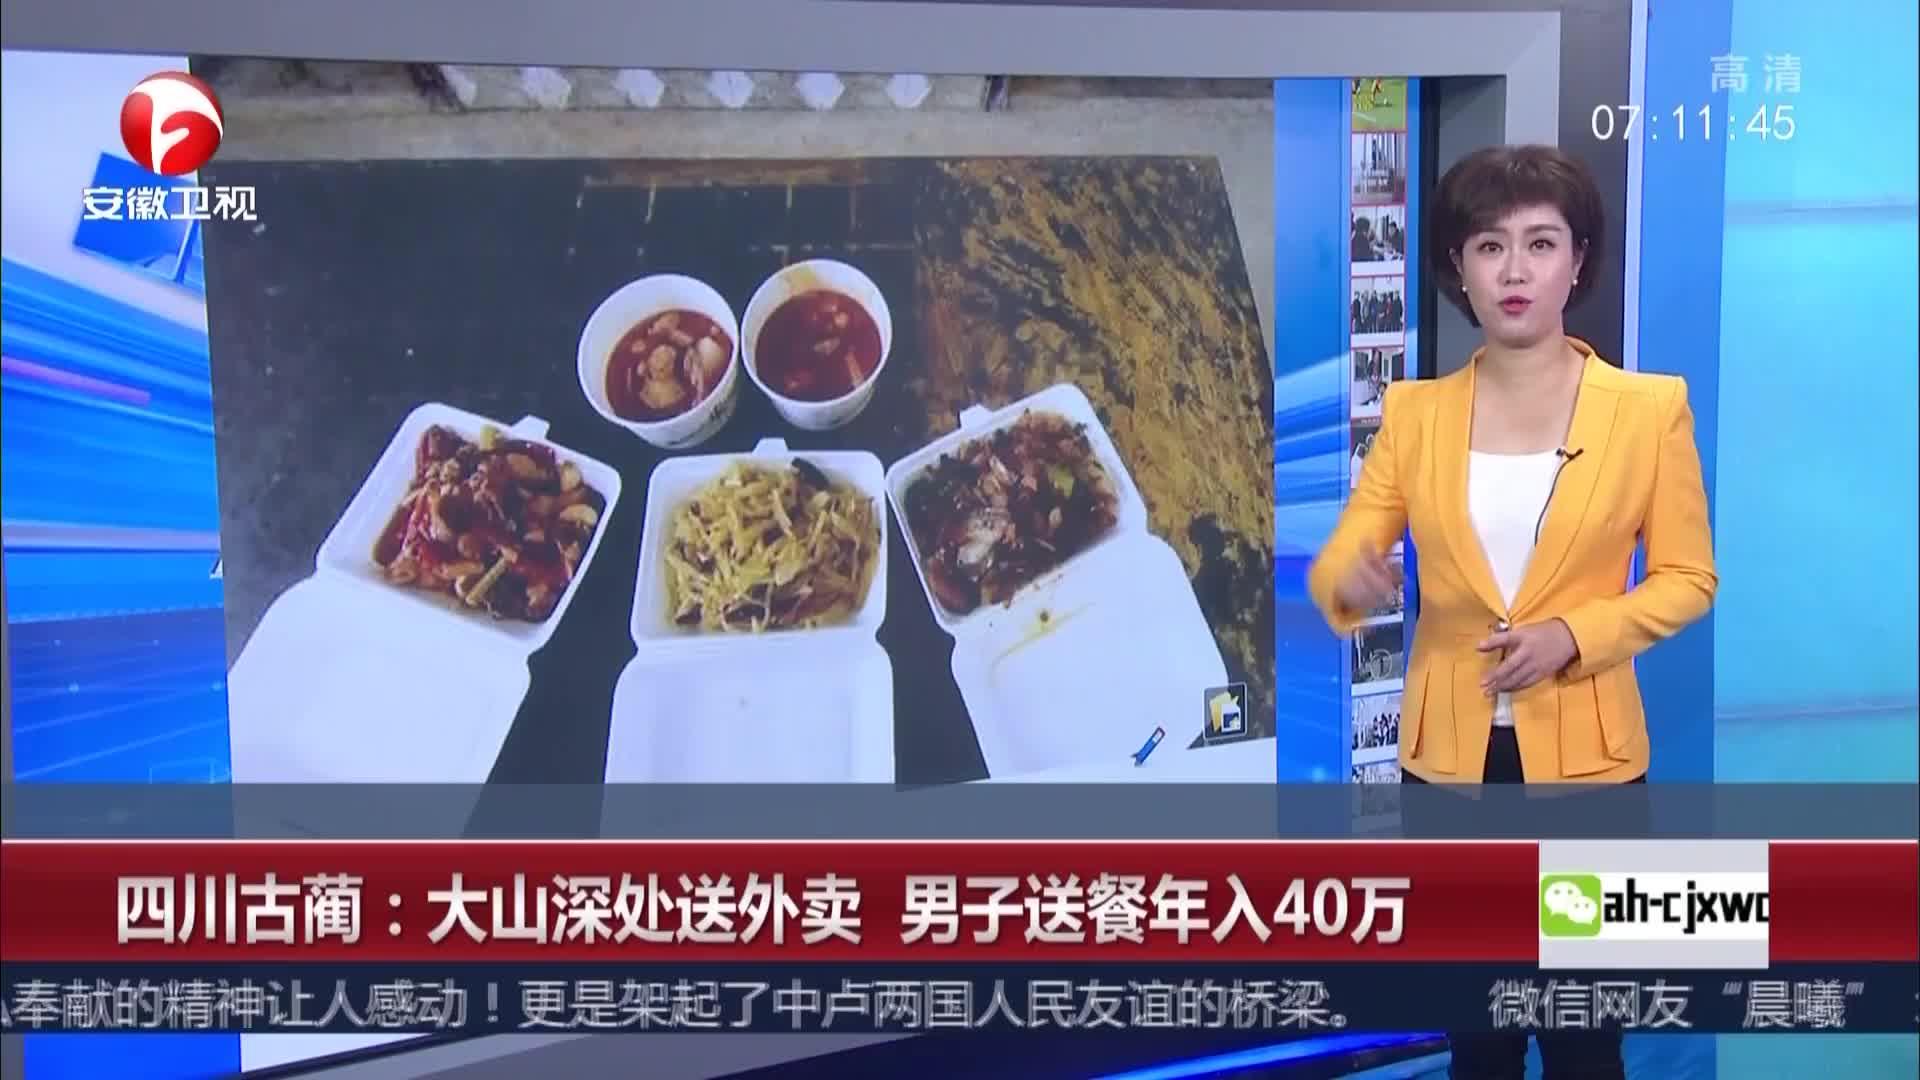 [视频]四川古蔺:大山深处送外卖 男子送餐年收入40万